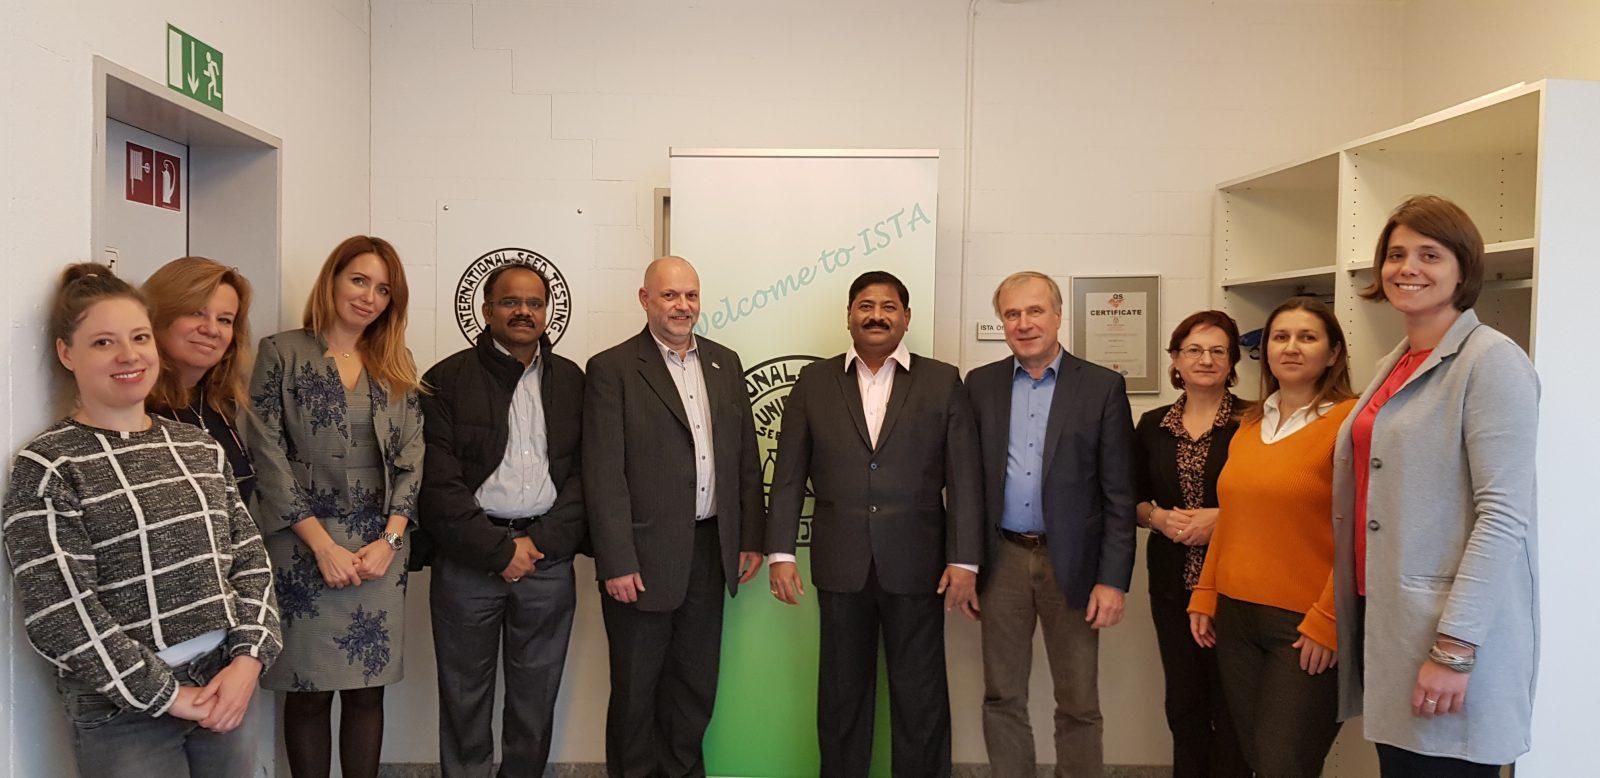 Visit of ISTA office team in Switzerland